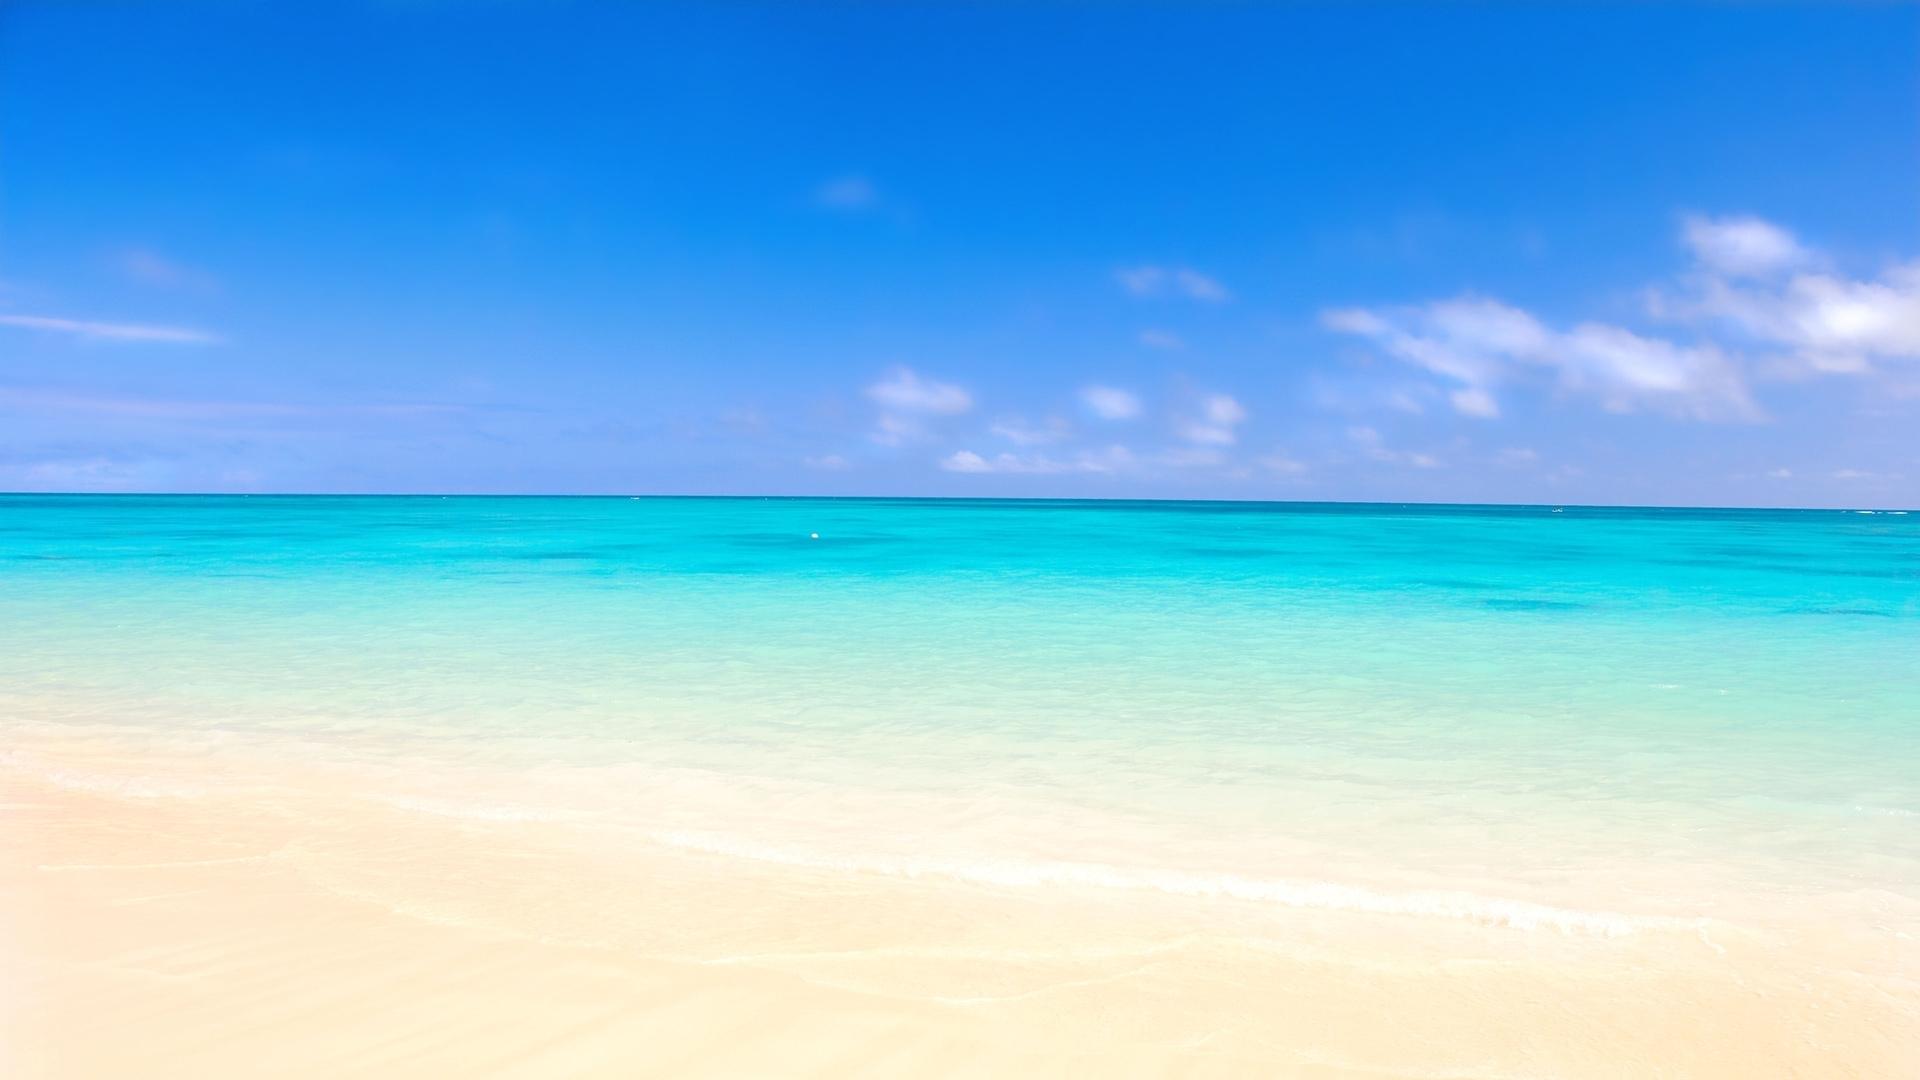 28178壁紙のダウンロード風景, 海, ビーチ-スクリーンセーバーと写真を無料で